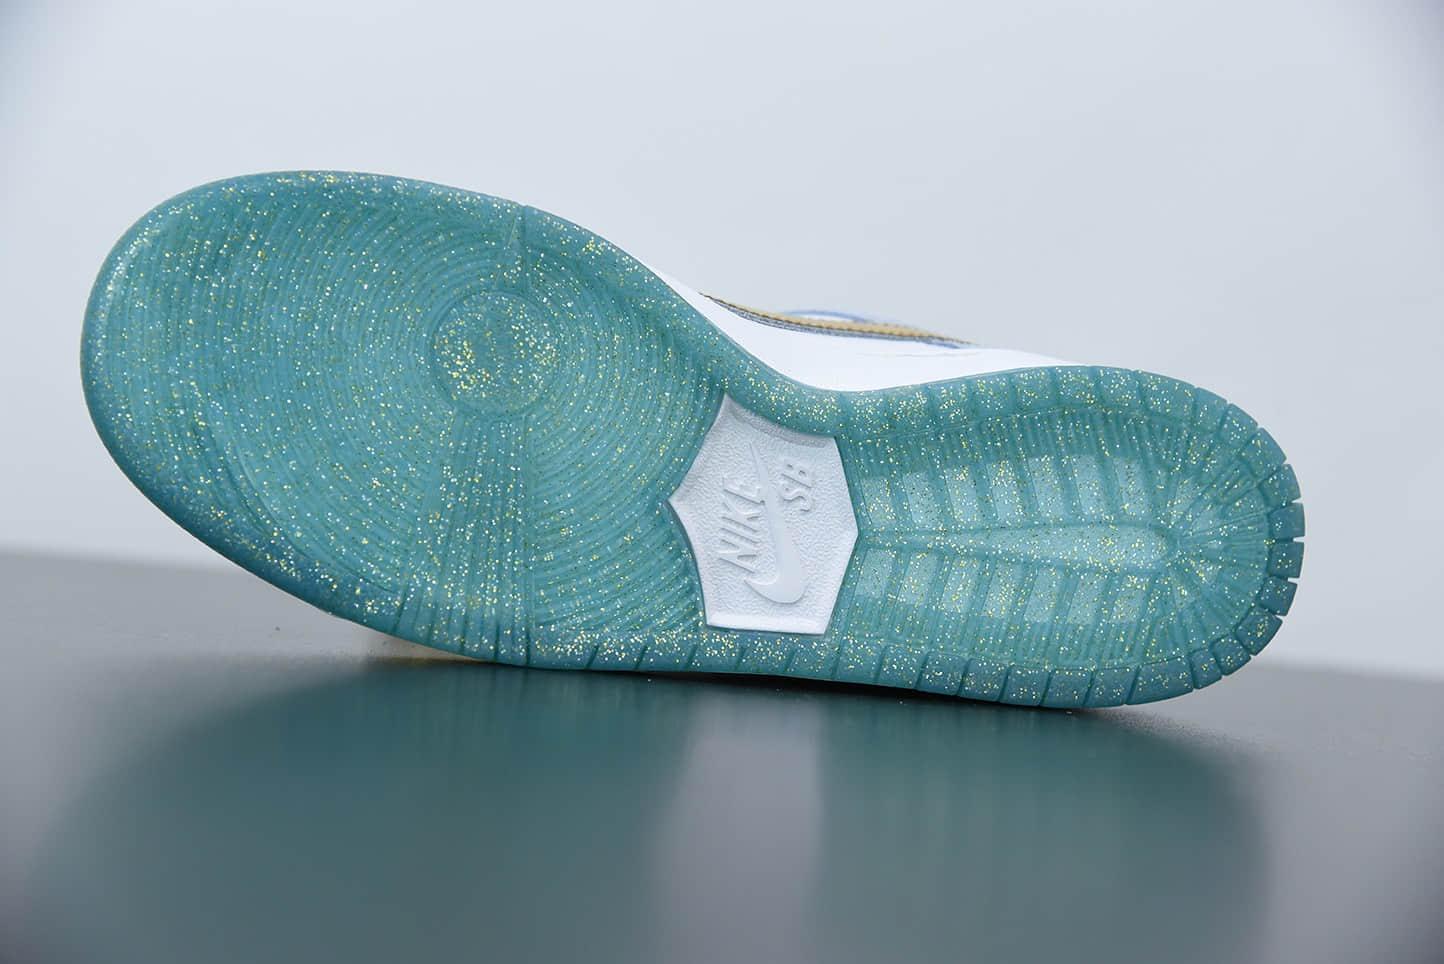 耐克Sean Cliver x SB Dunk Low Pro QS冬季情人节冰雪奇缘白雪公主艺术家滑板鞋纯原版本 货号:DC9936-100